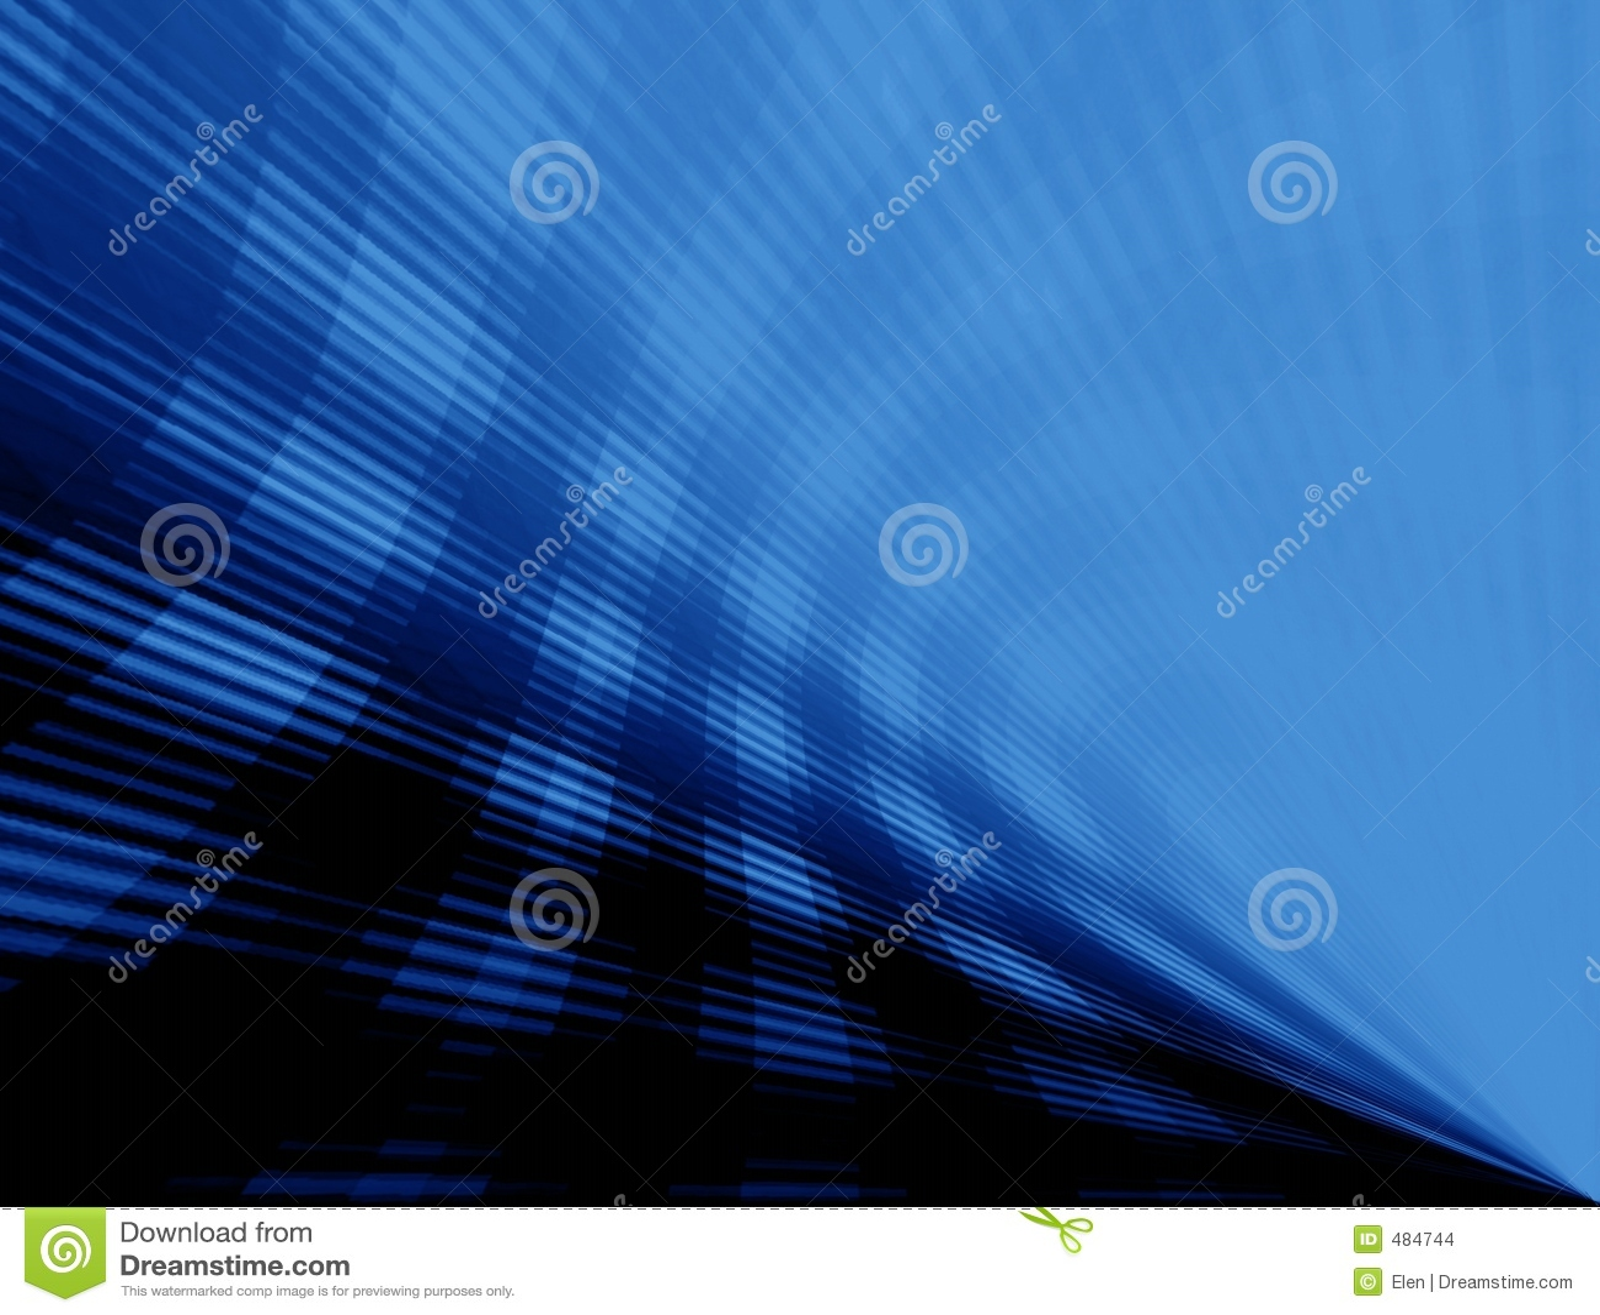 голубые лучи